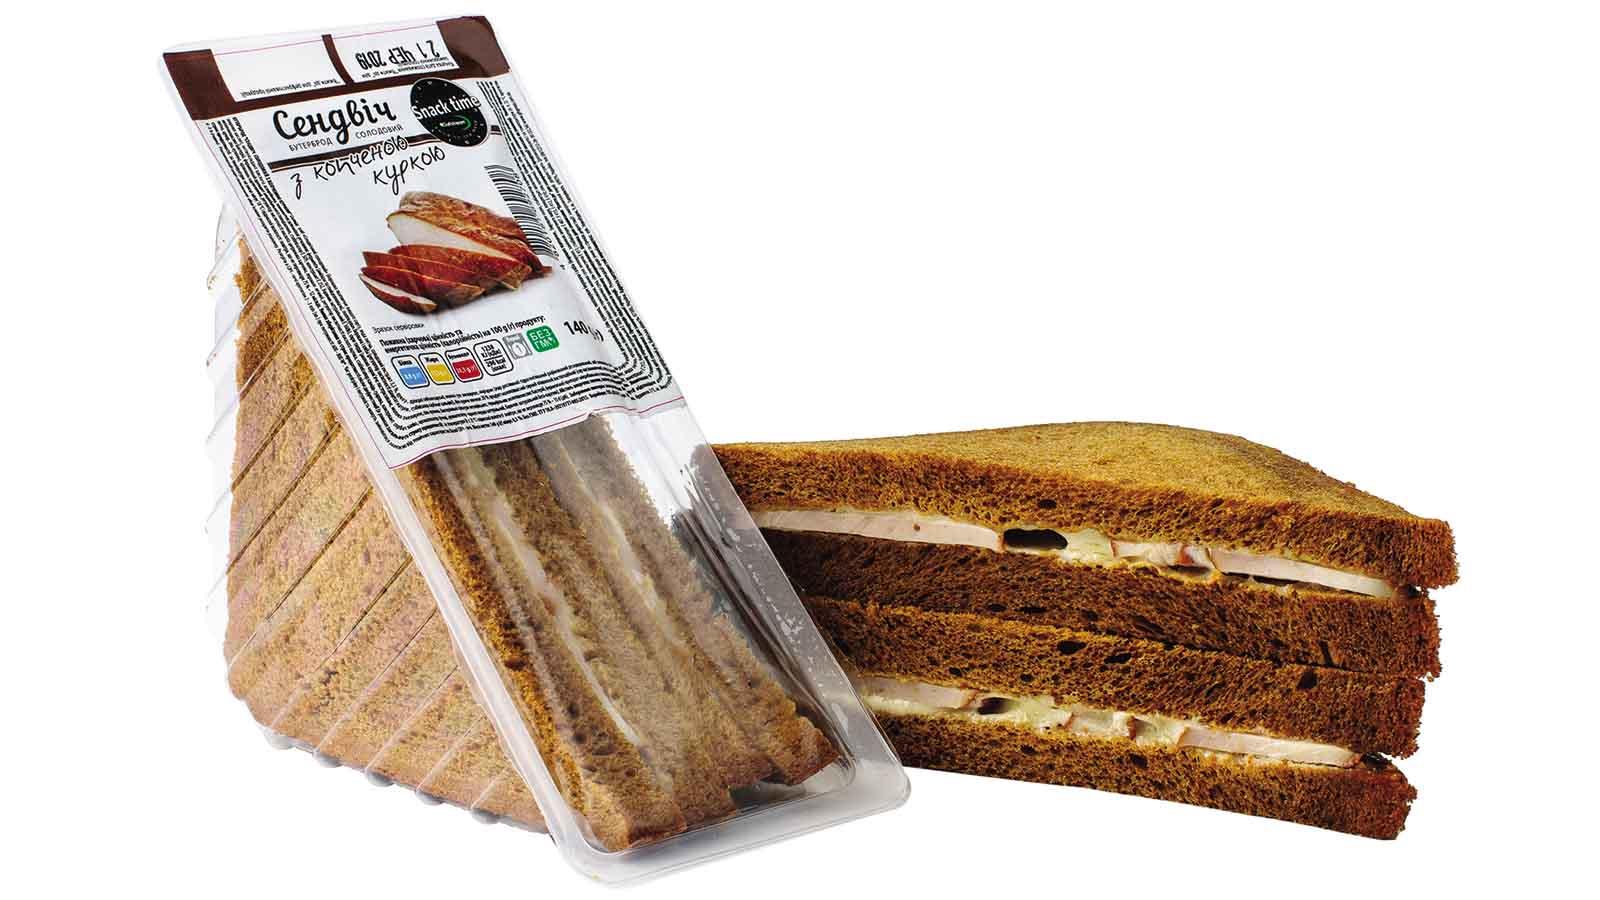 Sandwich malt with smoked chicken